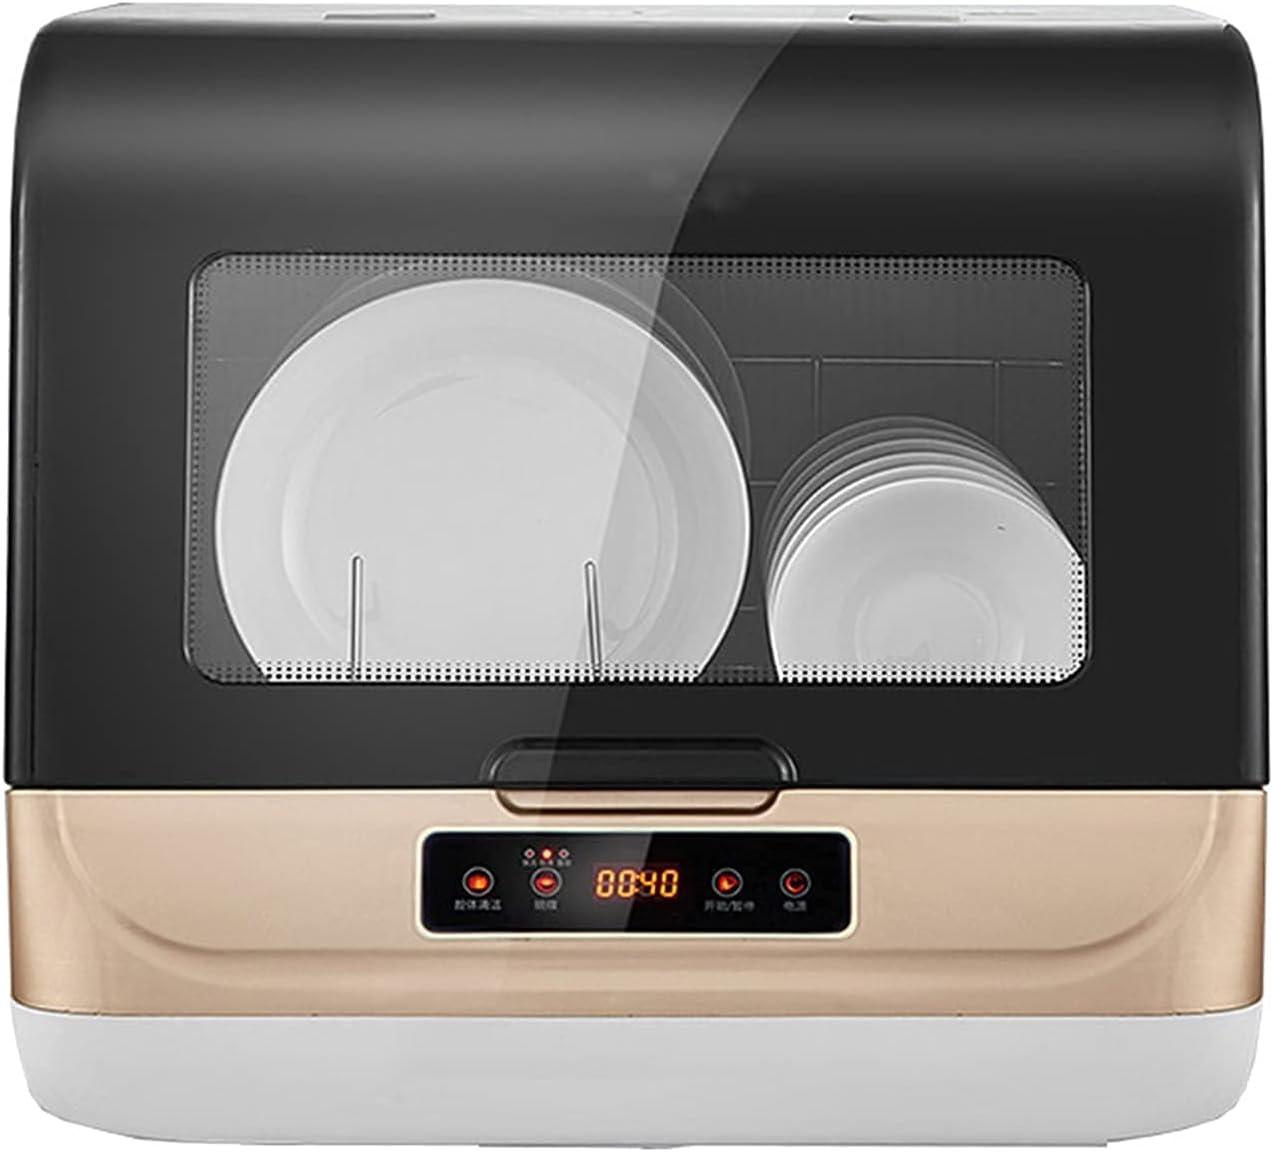 Lavavajillas de mesa automática para encimera, lavavajillas, portátil, mini lavadora, con interior de acero inoxidable y 6 posiciones de lugar, spray rotativo 360° azimut, color dorado